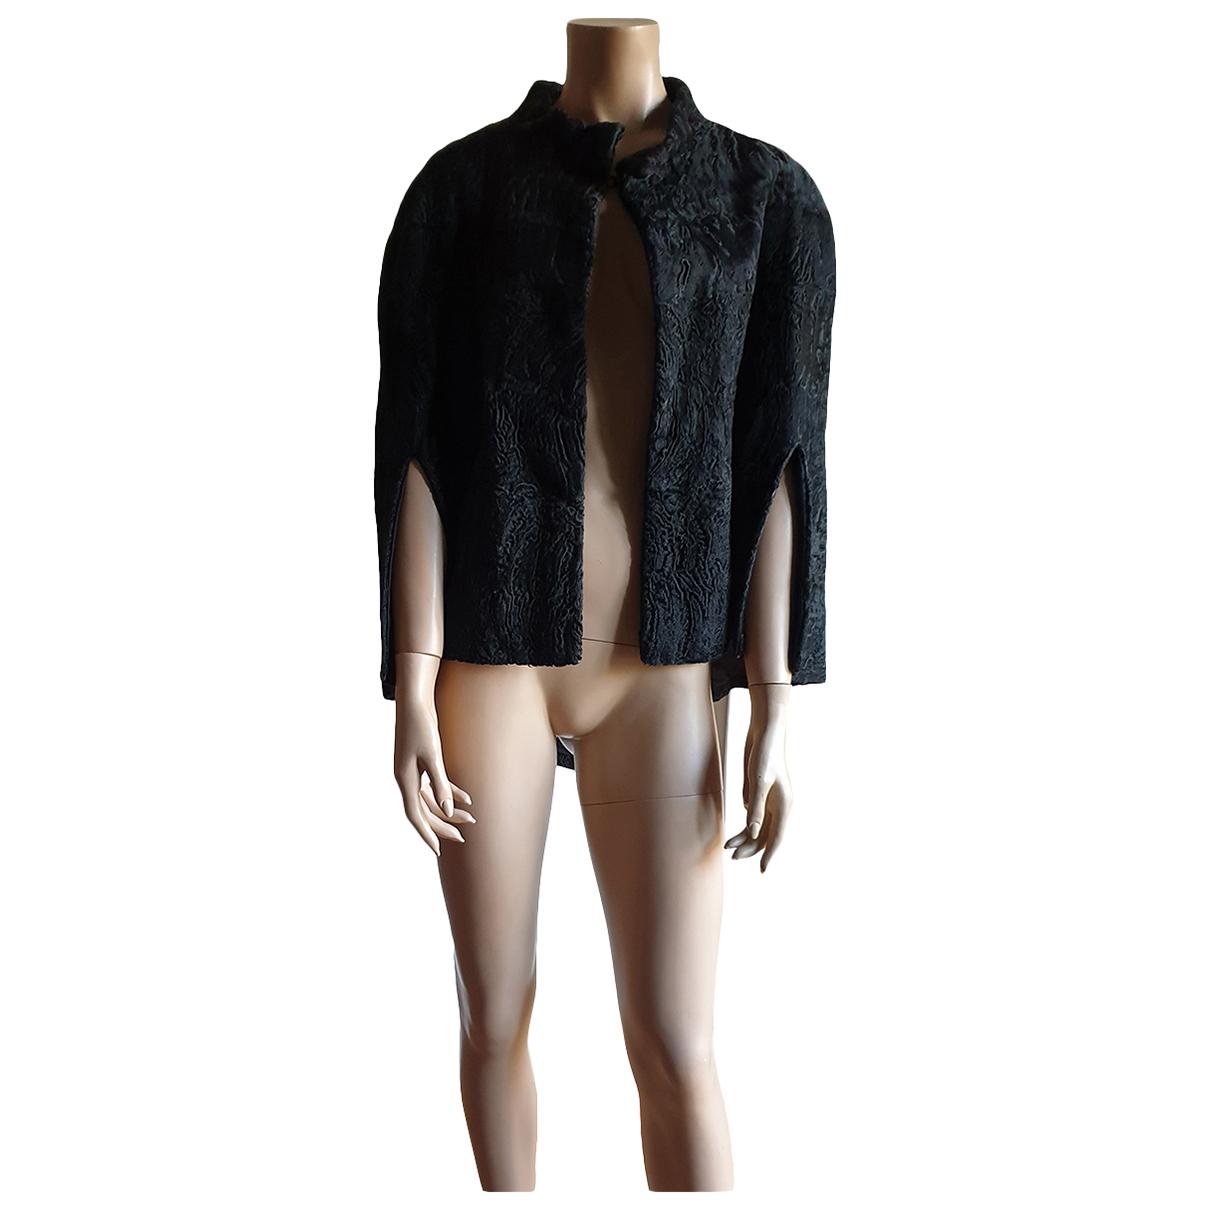 Enes - Manteau   pour femme en astrakan - noir